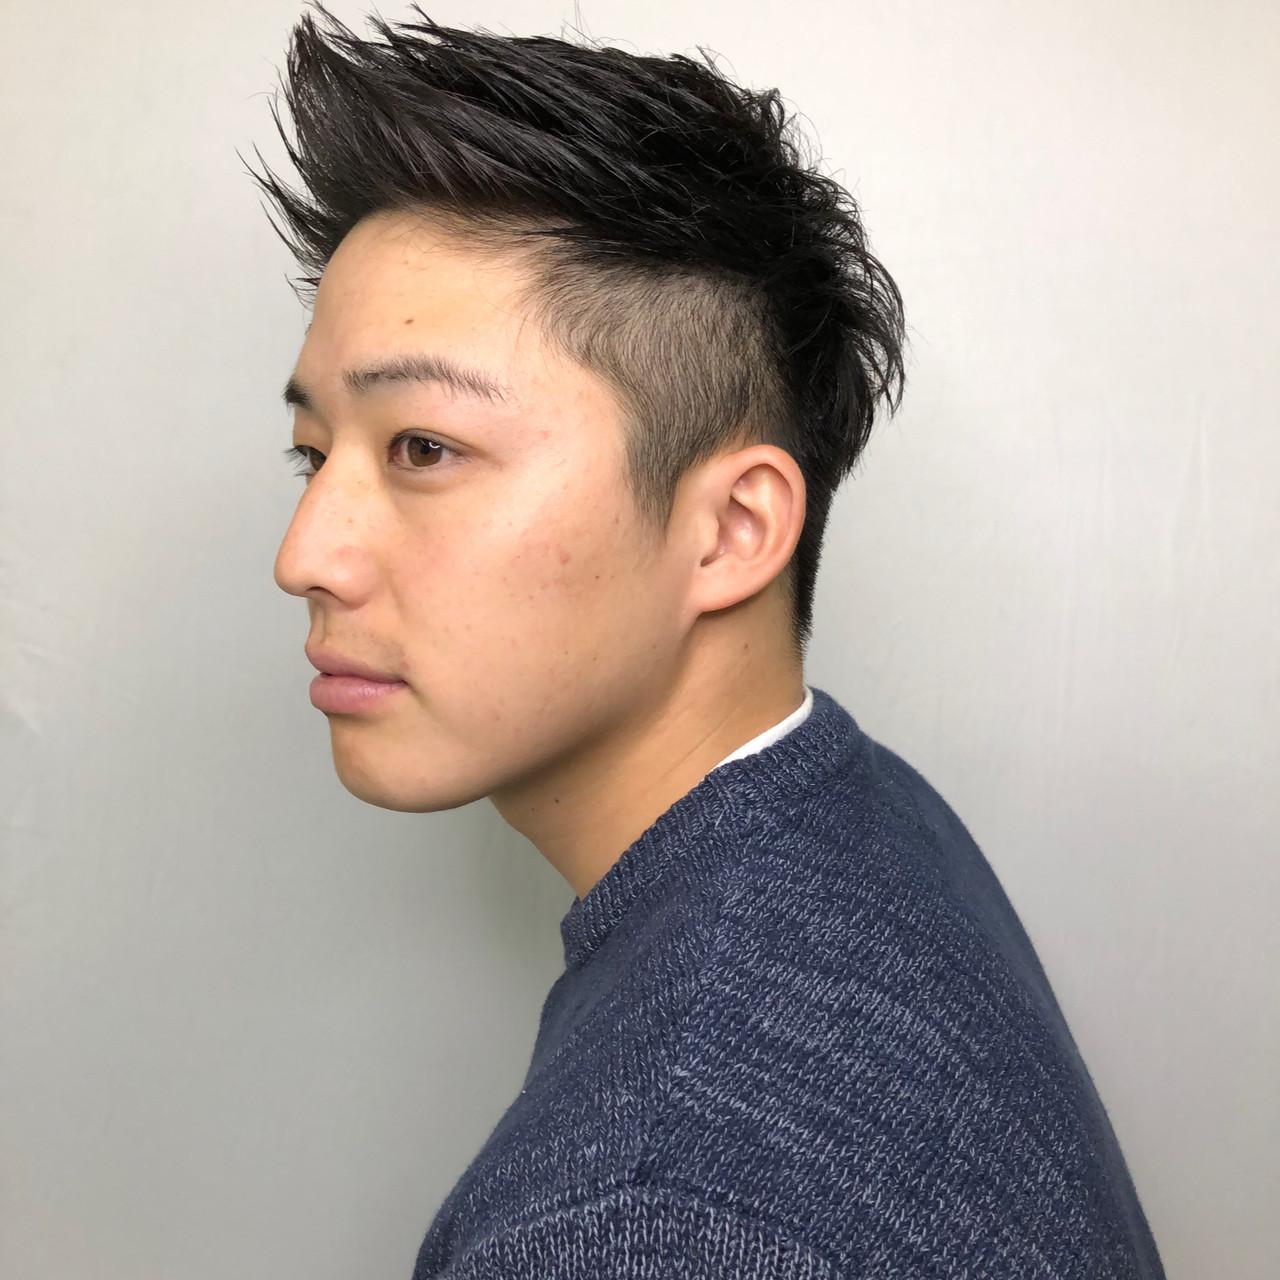 前髪を立ち上げたヘアスタイルのイケメン男性